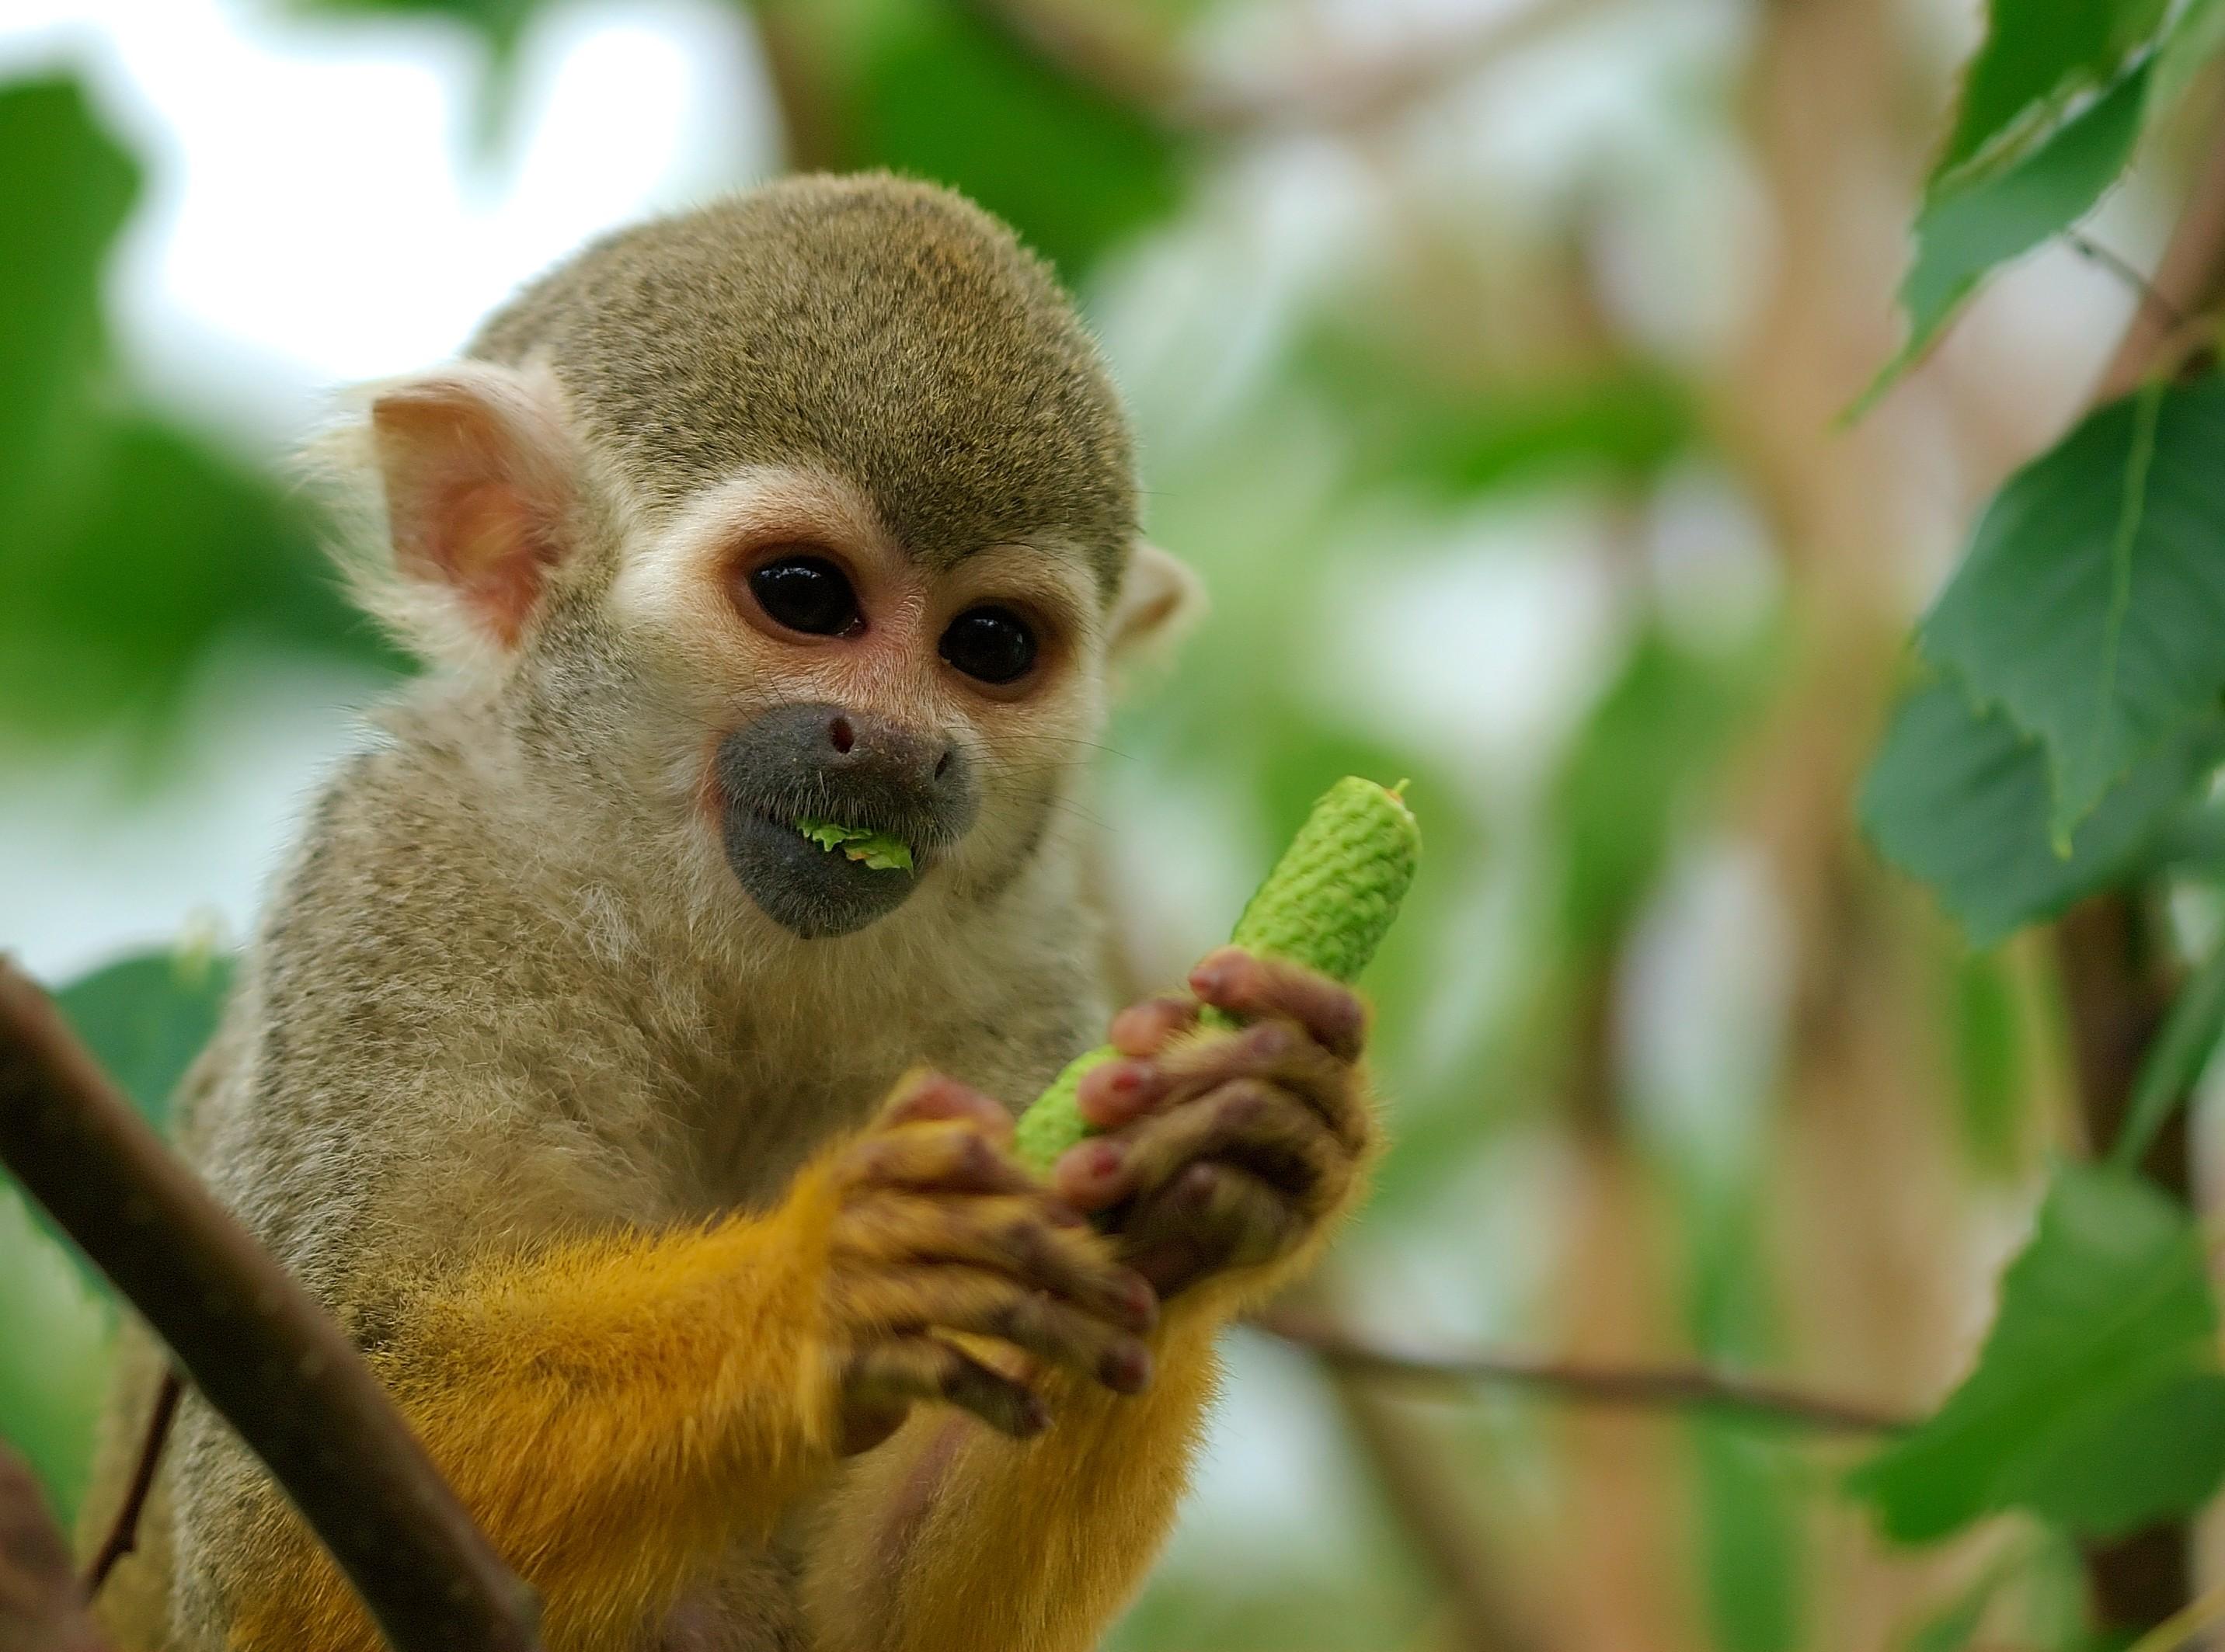 Macacos ficaram perturbados e estressados com a presença do jovem em sua área (Foto: Wikimedia/I, Luc Viatour)